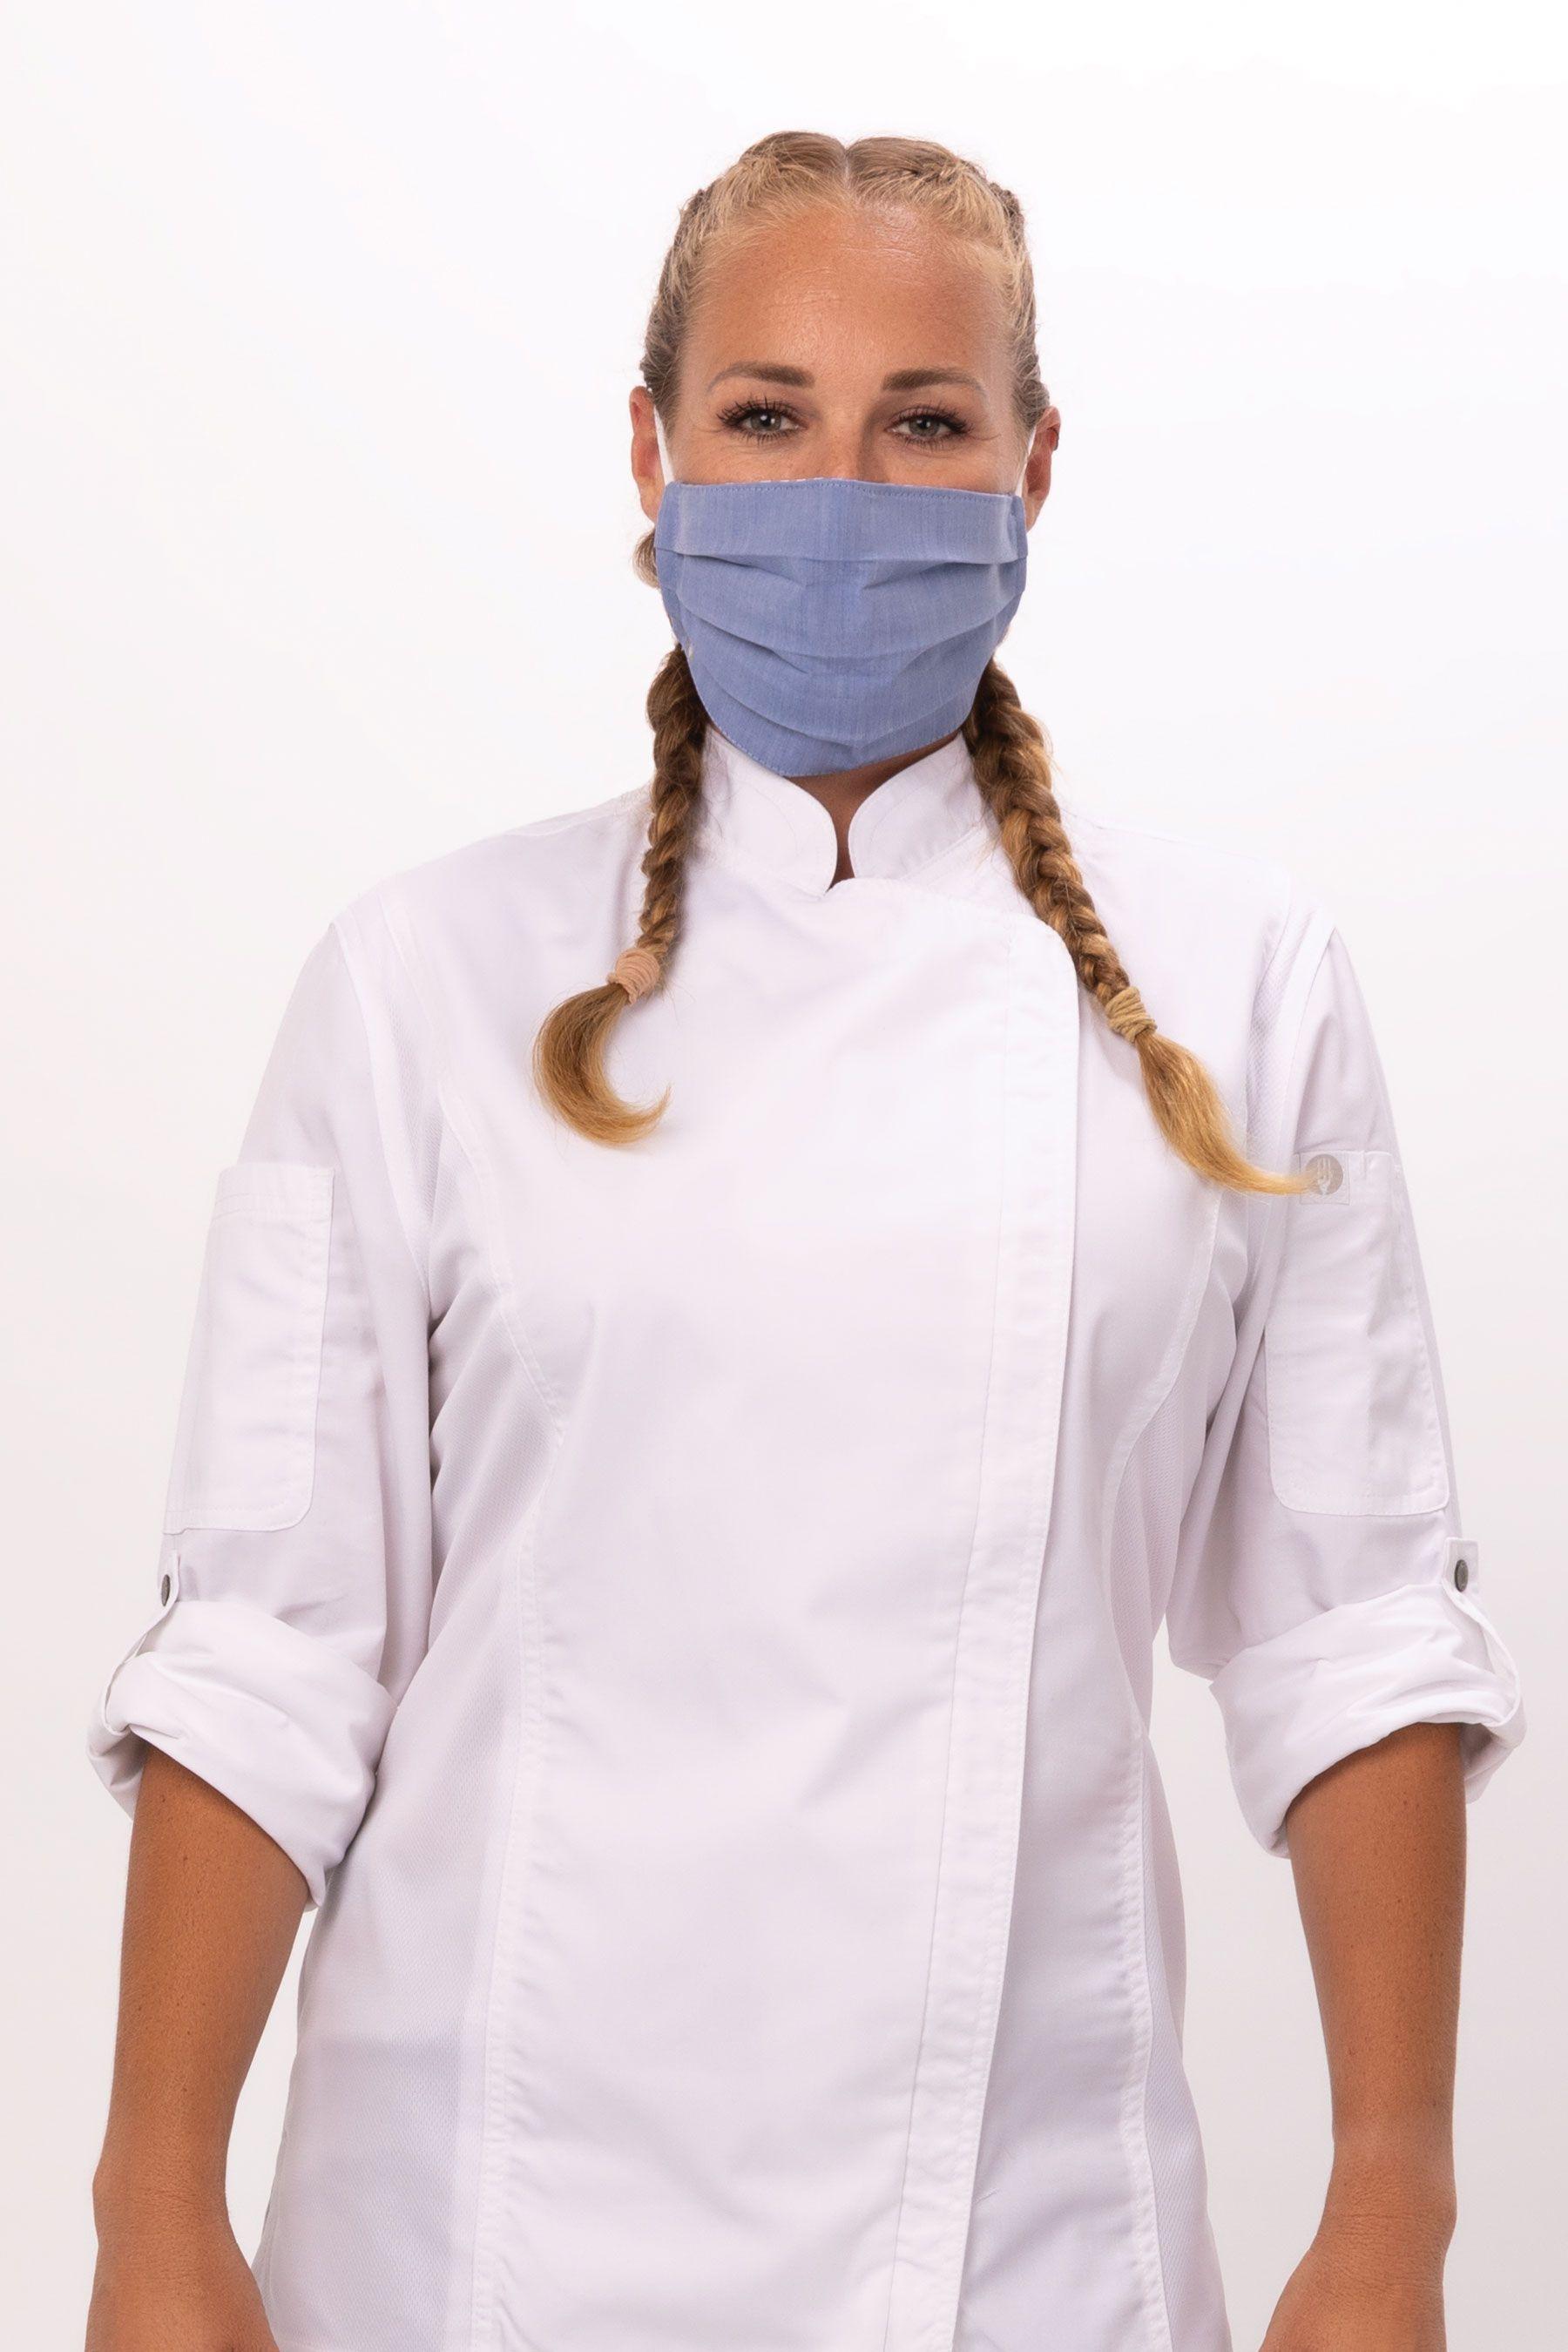 Cabilock Reusable Safety Face Cover Kitchen Cooking Face Cover Full Face Protective Visor Facial Cover